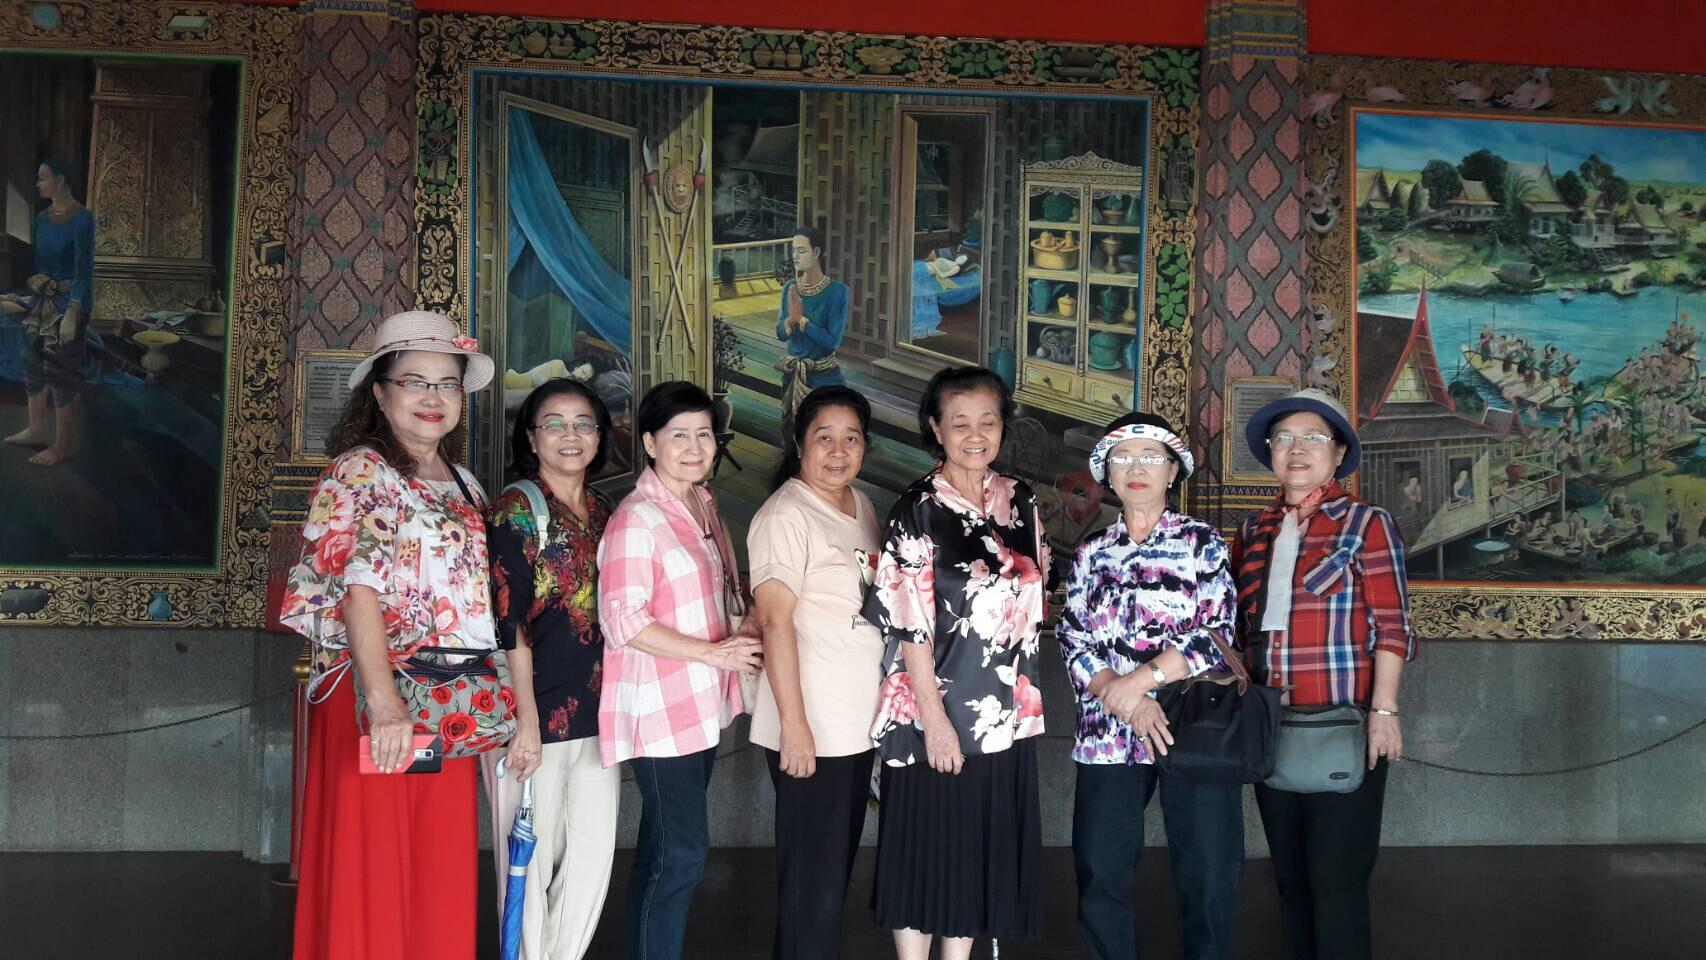 ประชุมสัญจร คณะกรรมการบริหารสมาคมครูภาษาไทยแห่งประเทศไทย